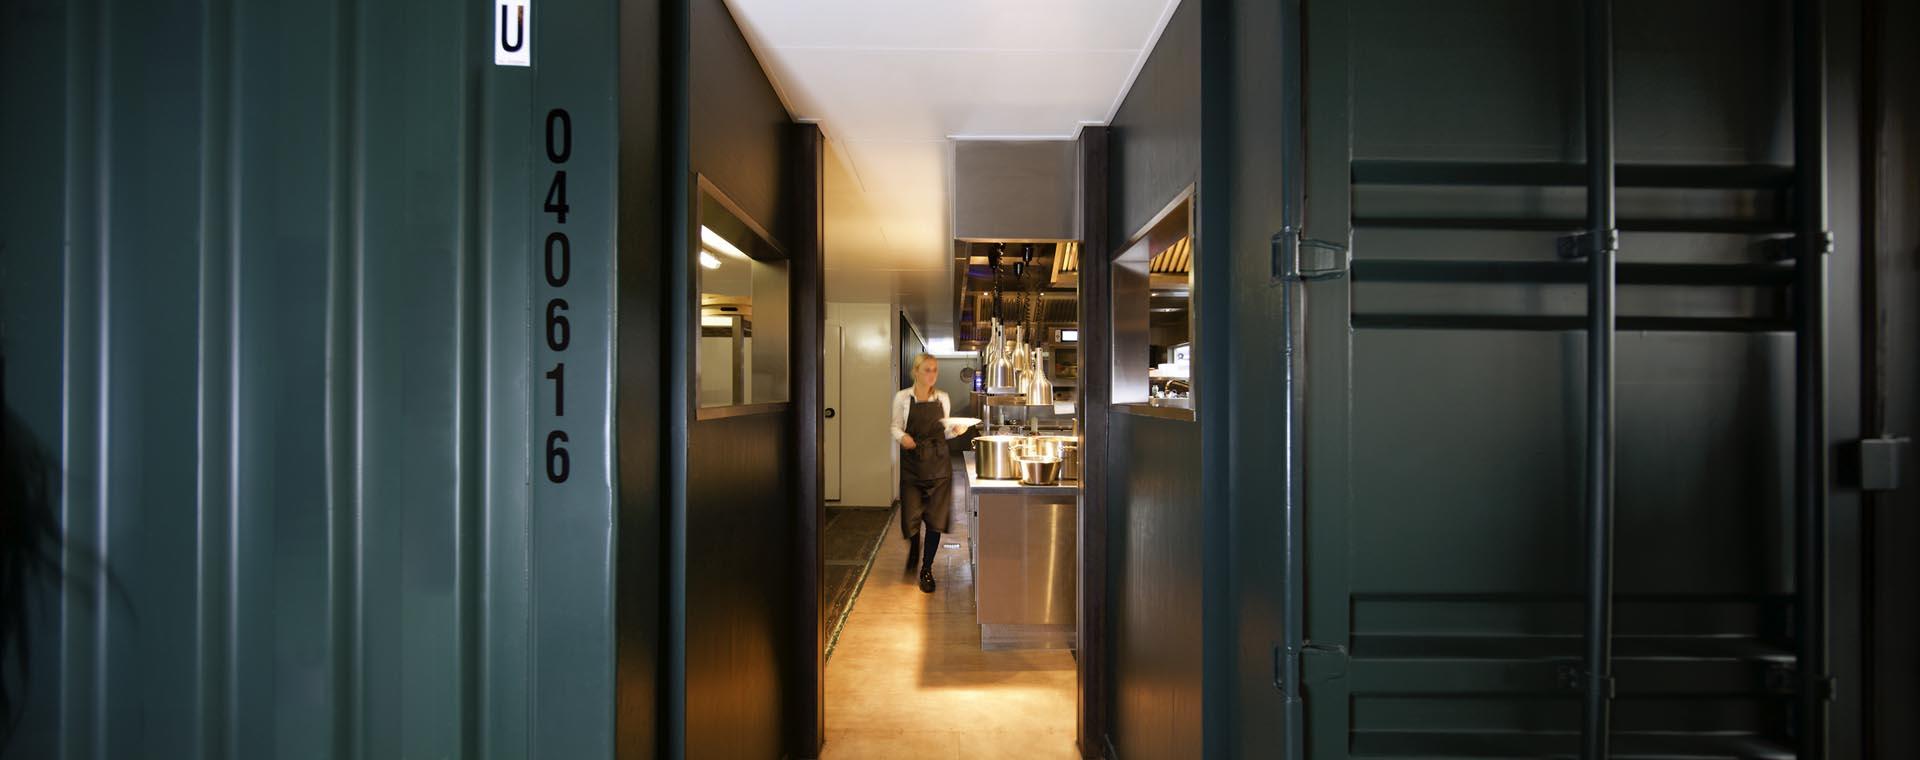 7 zicht op keuken van restaurant De Kaserne in Den Bosch deze is gemaakt in twee zeecontainers